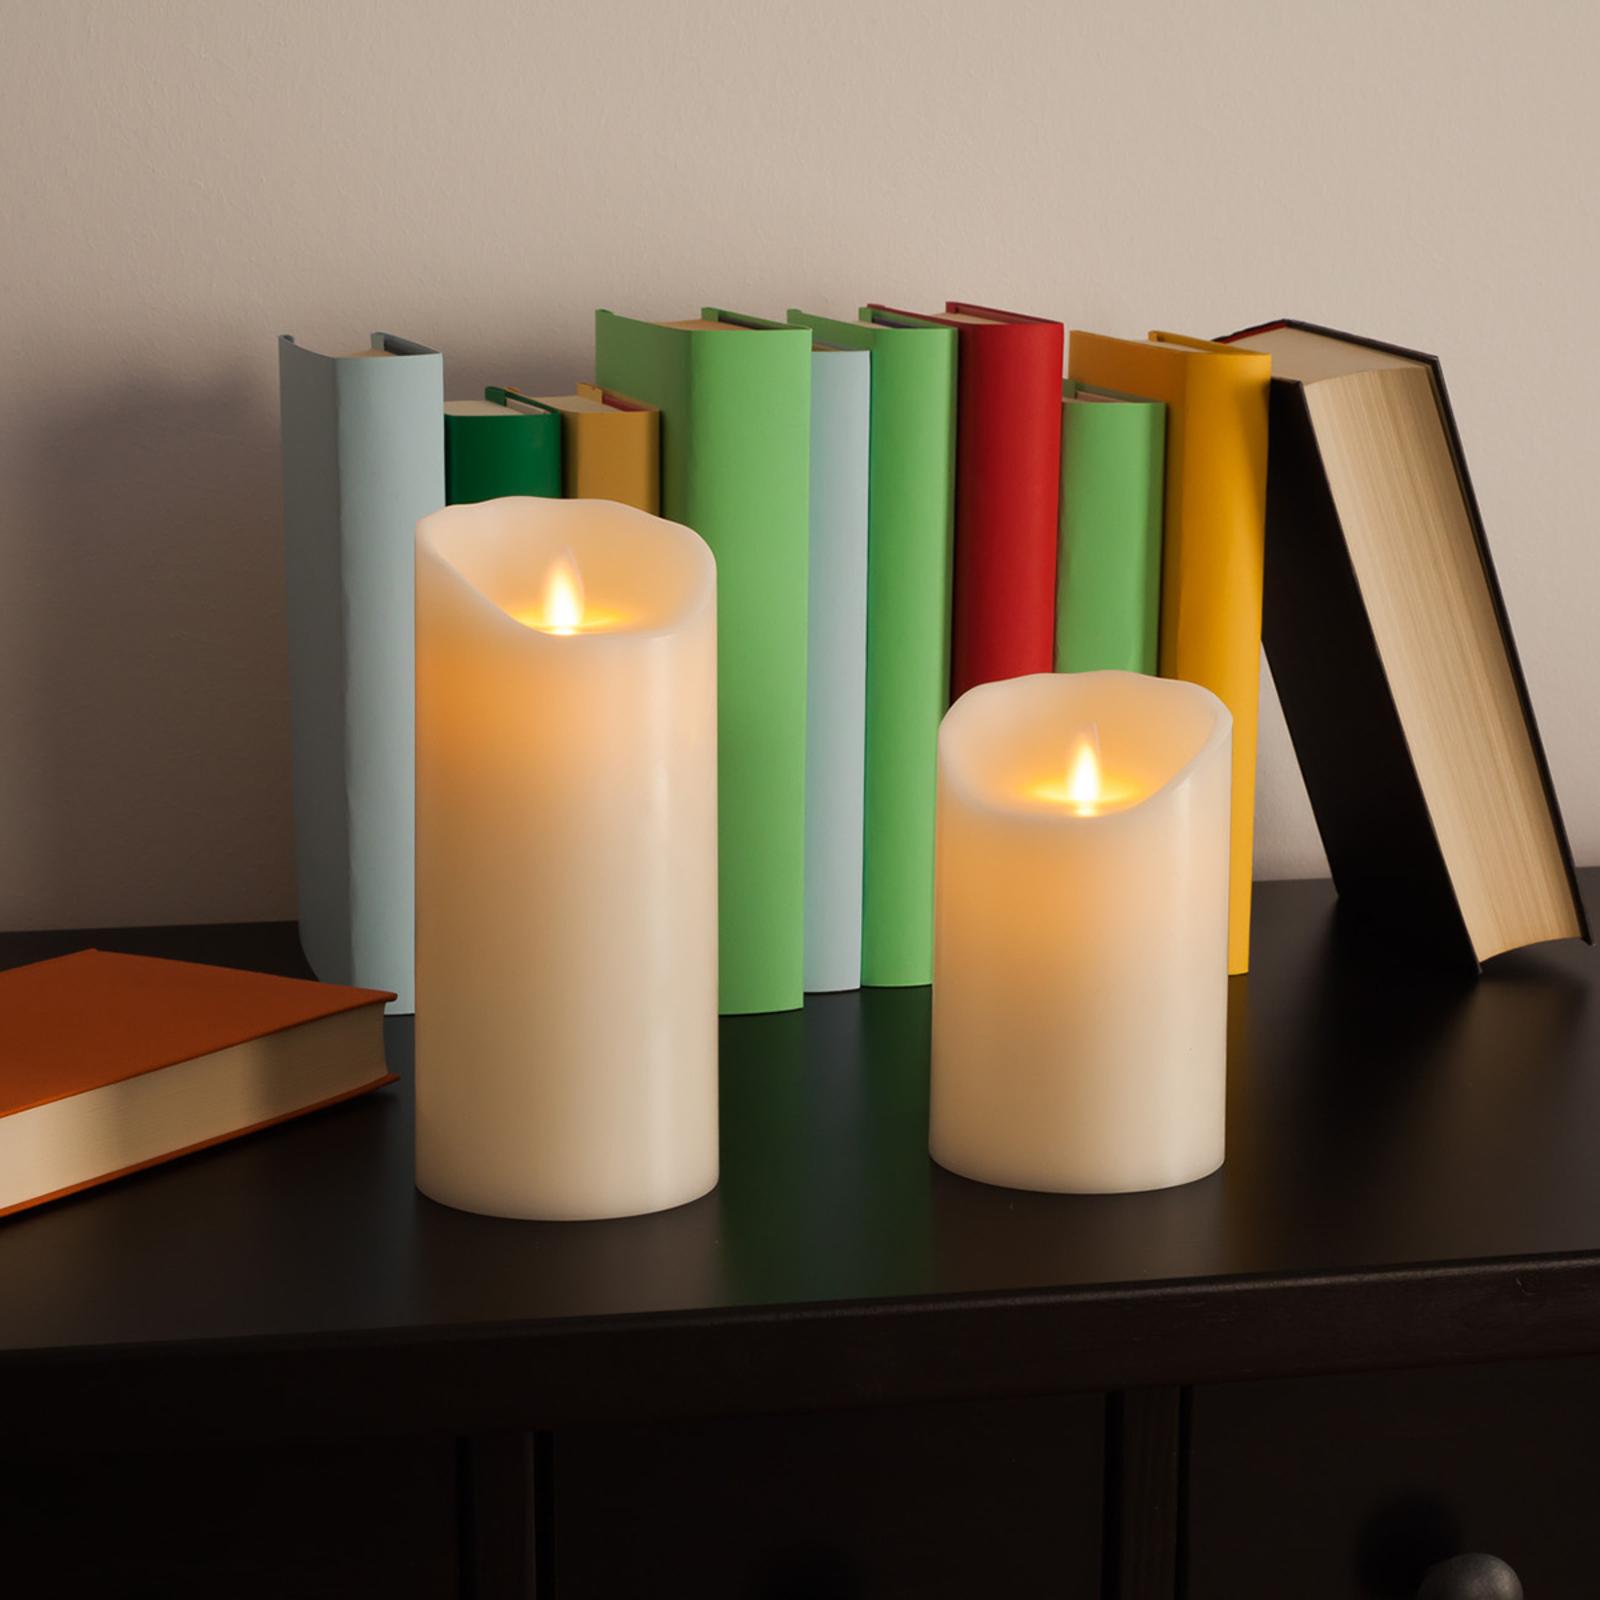 LED-Kerze Flame aus echtem Wachs 12,5 cm